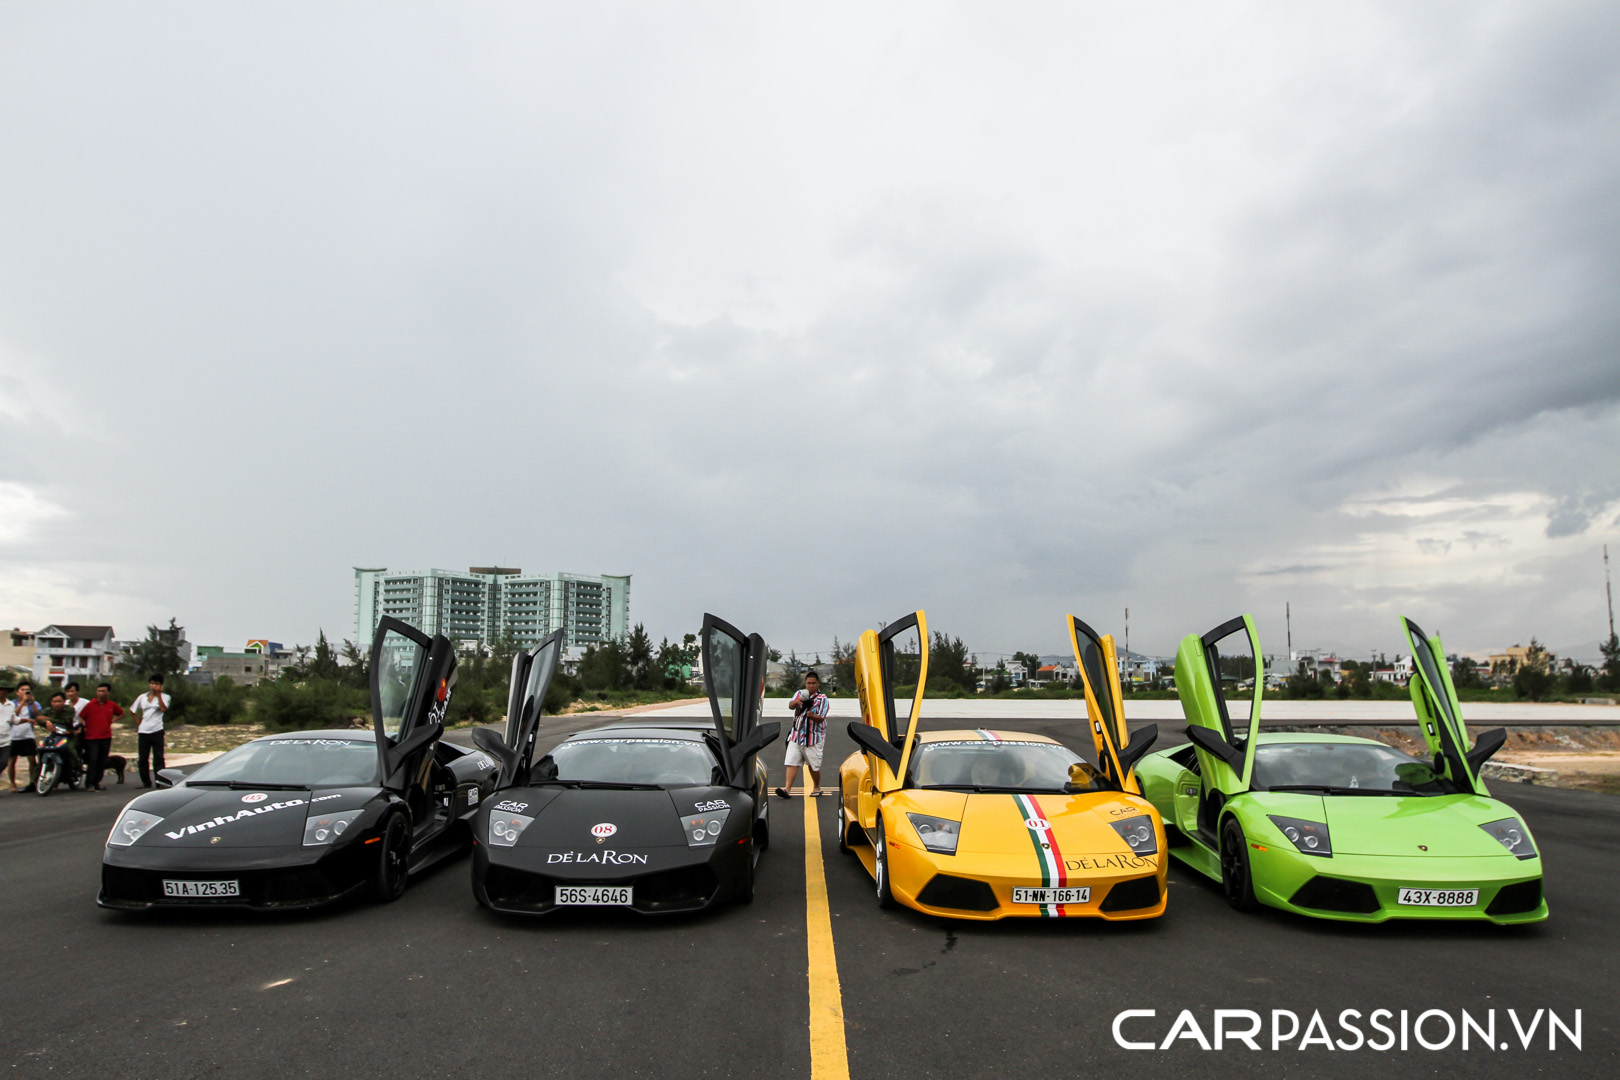 CP-Hành trình siêu xe CarPassion 2011 Day 5 (28).jpg